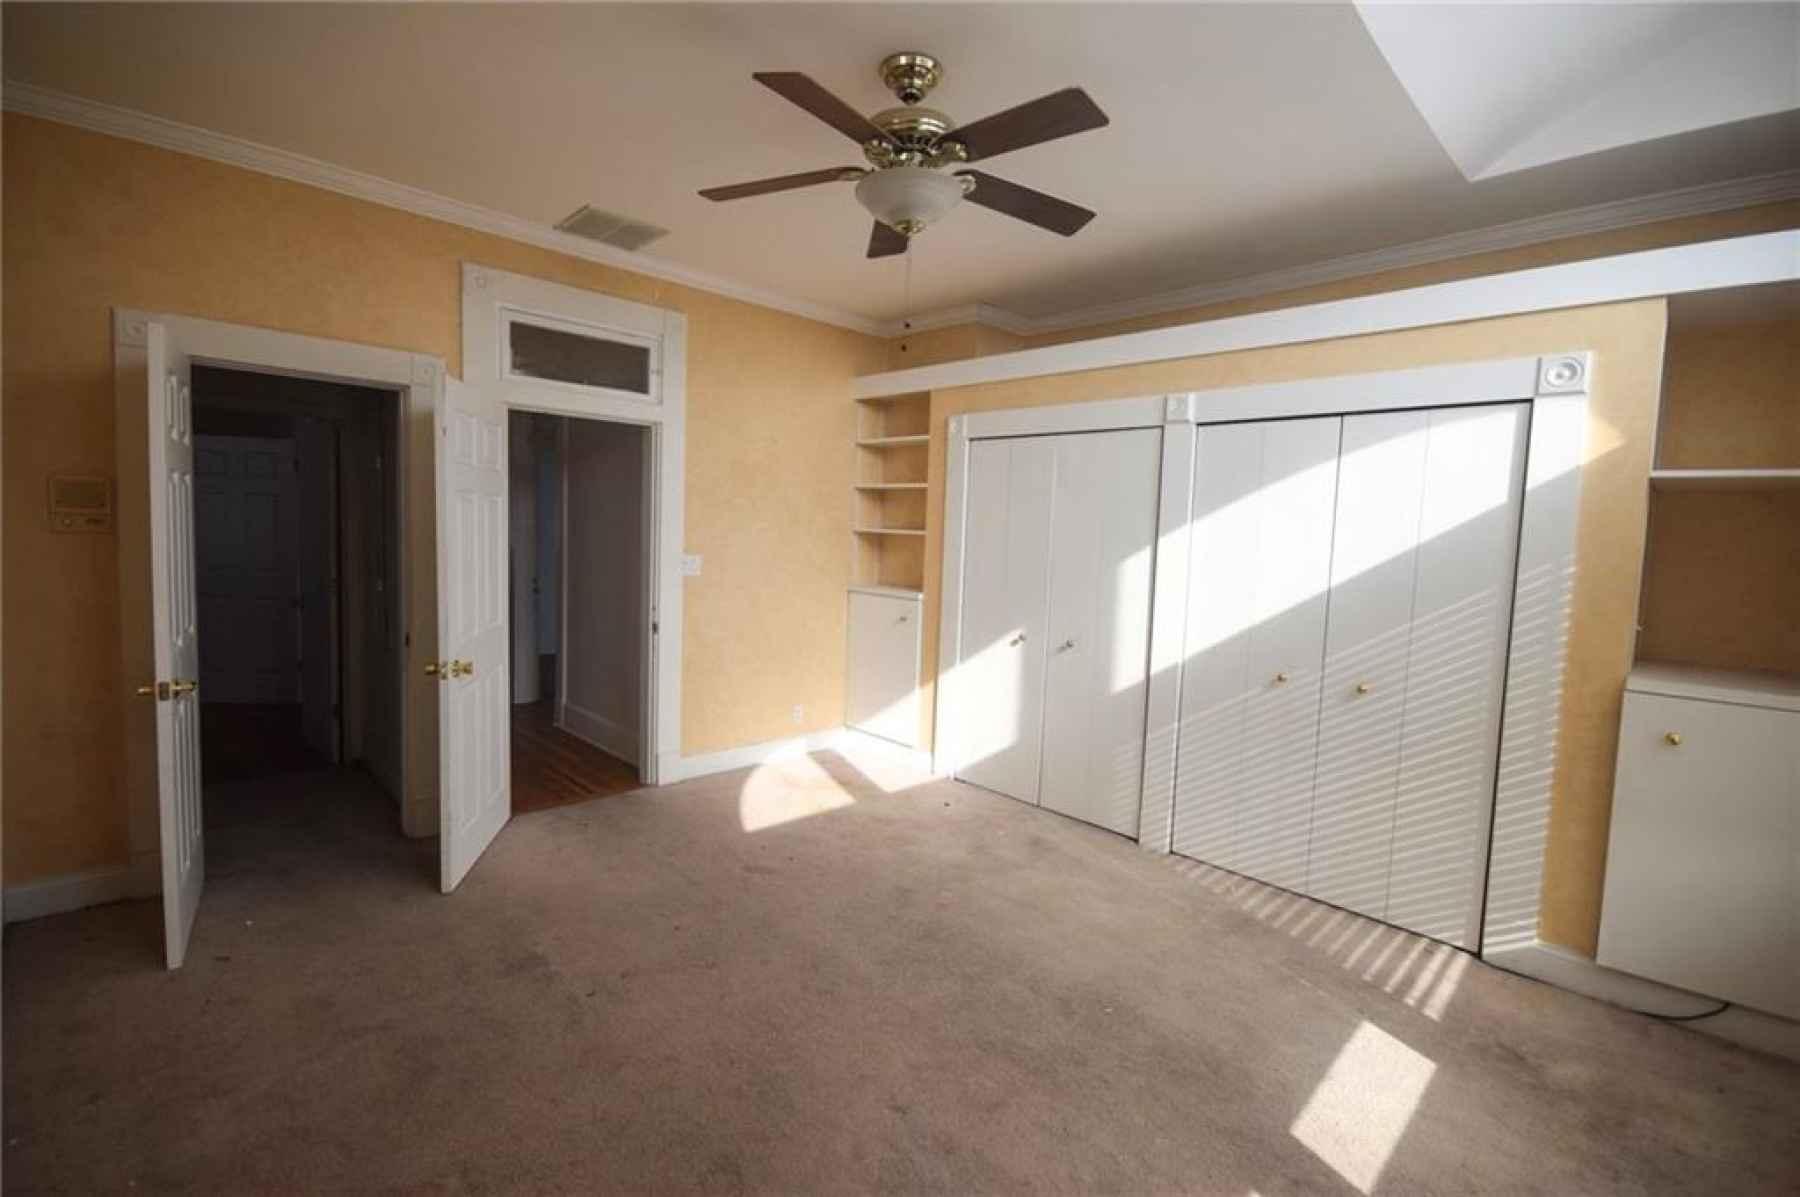 Second floor. Master bedroom. Windows overlook Ohio Street.